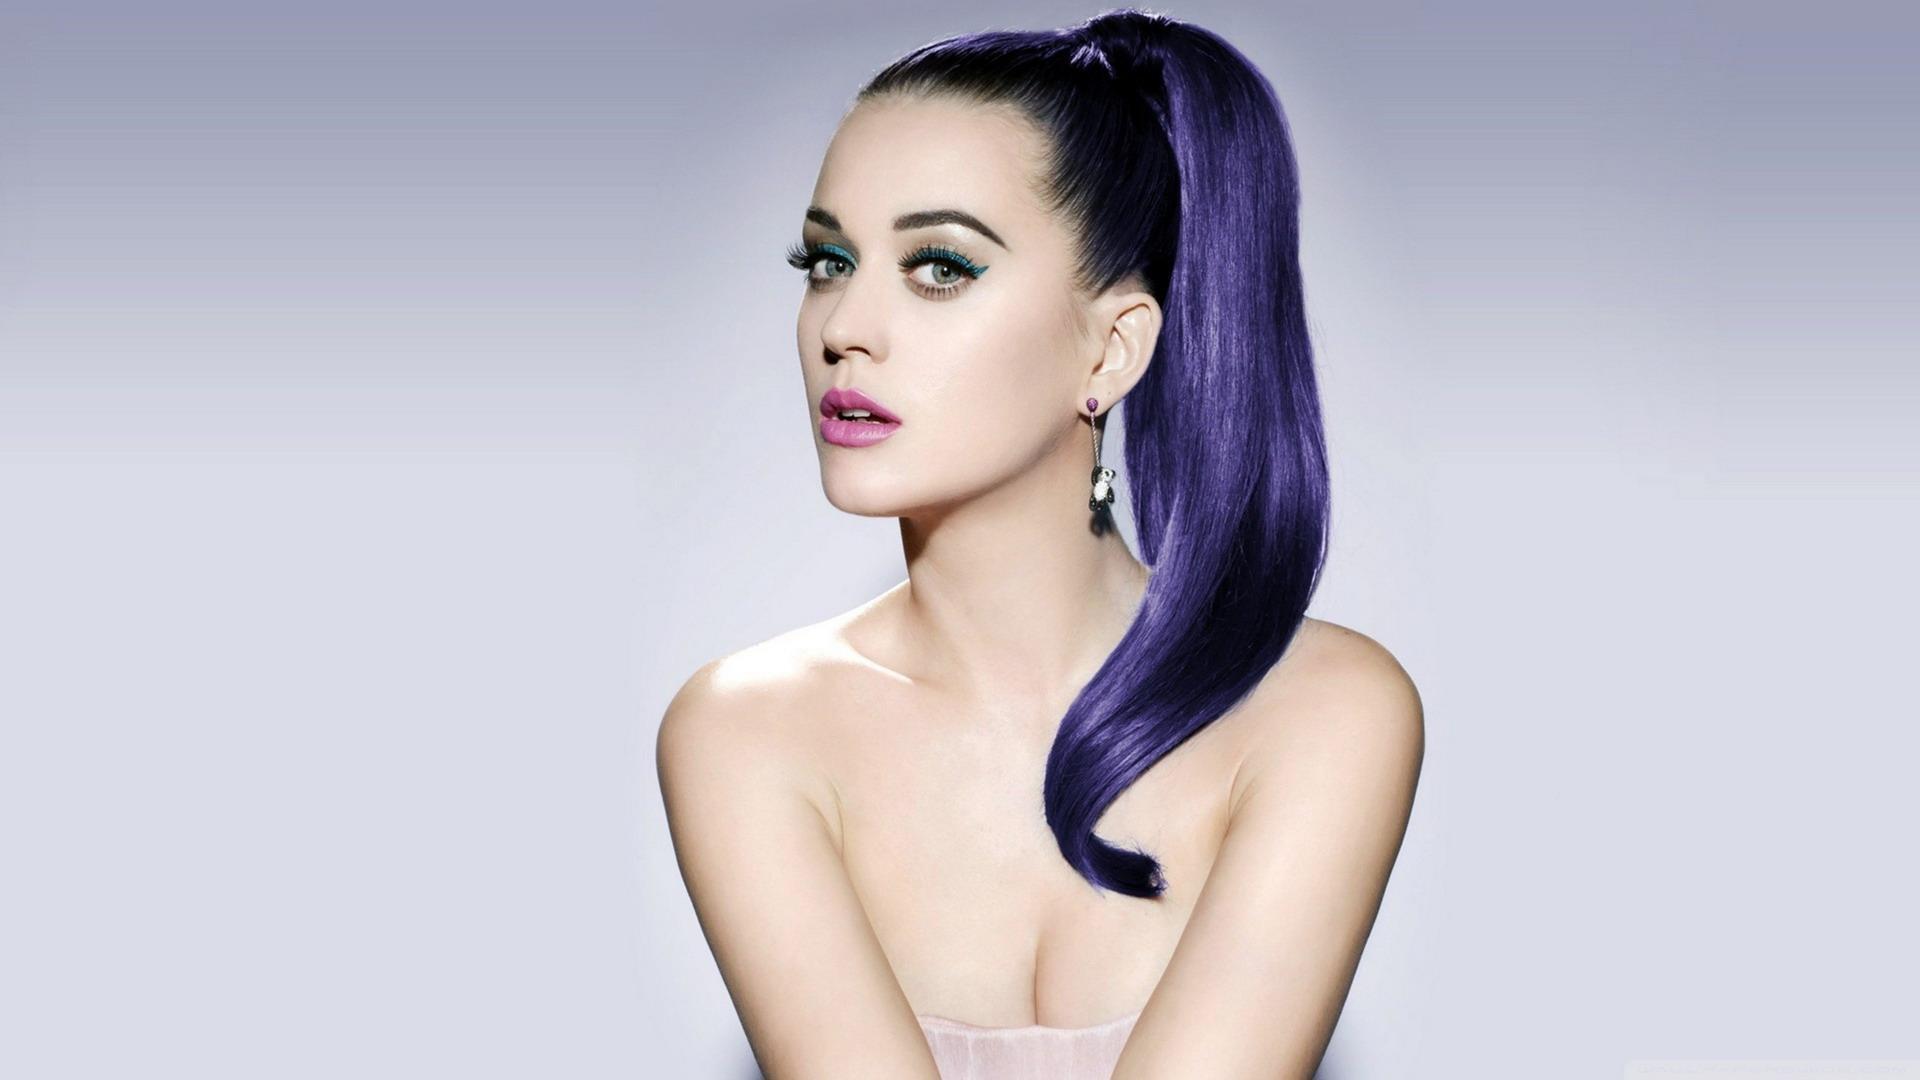 katy perry beauty singer -#main